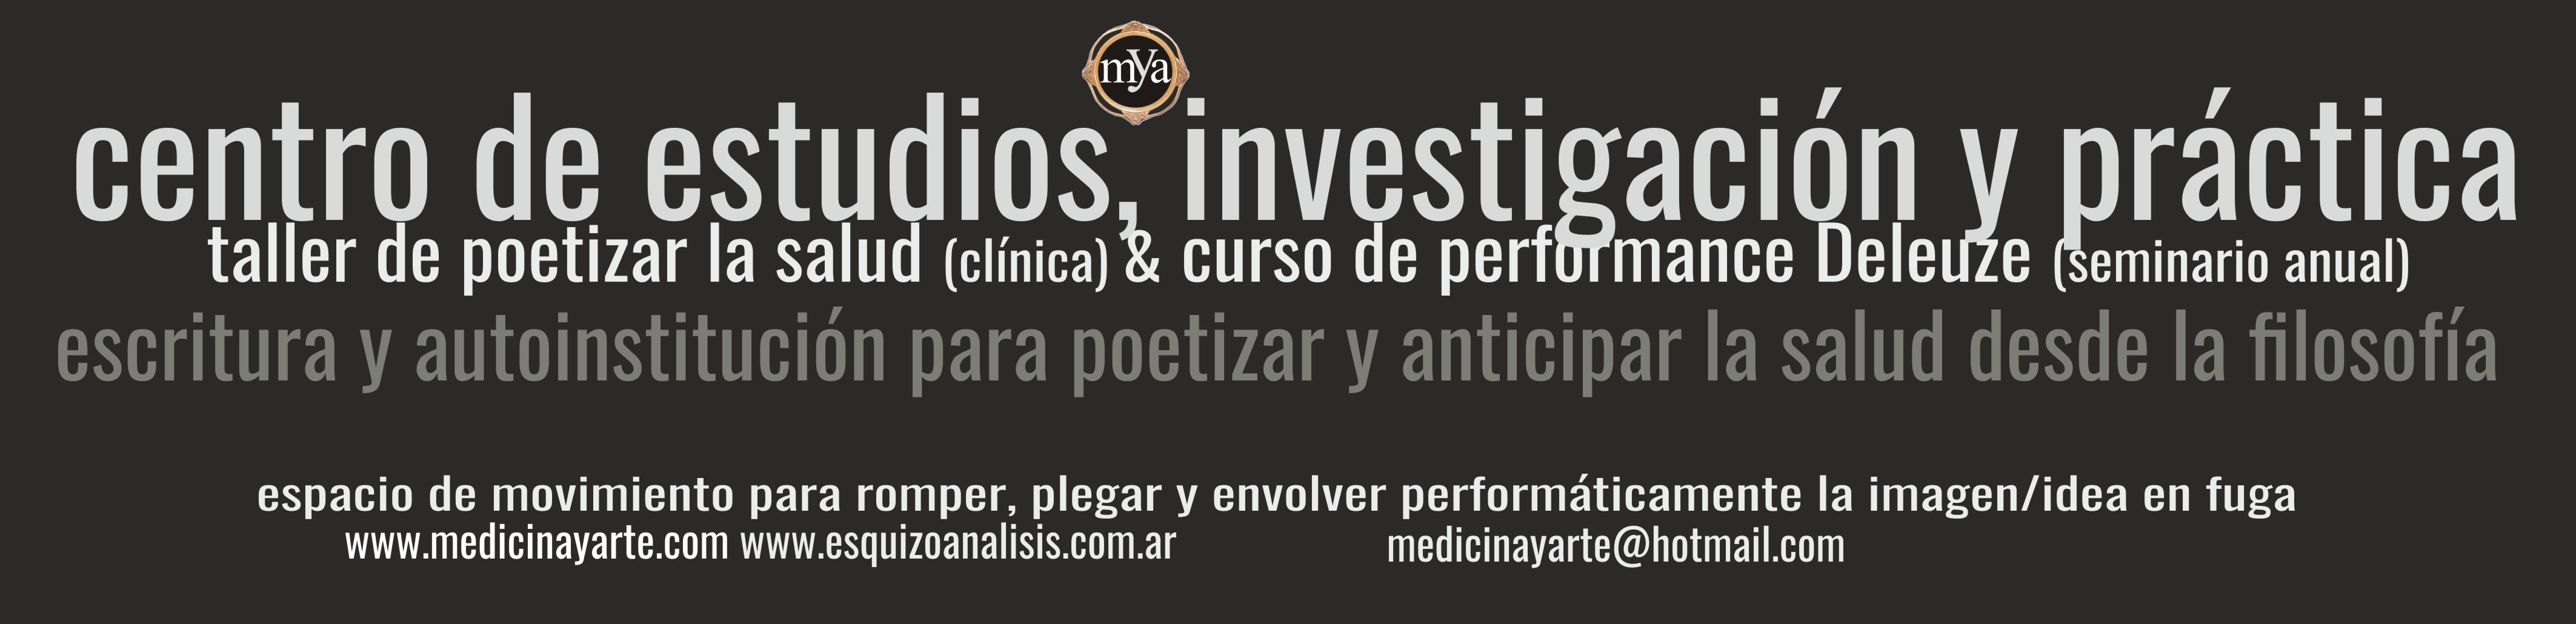 http://www.medicinayarte.com/img/centro%20de%20estudios%20e%20investigacion_myav3.jpg